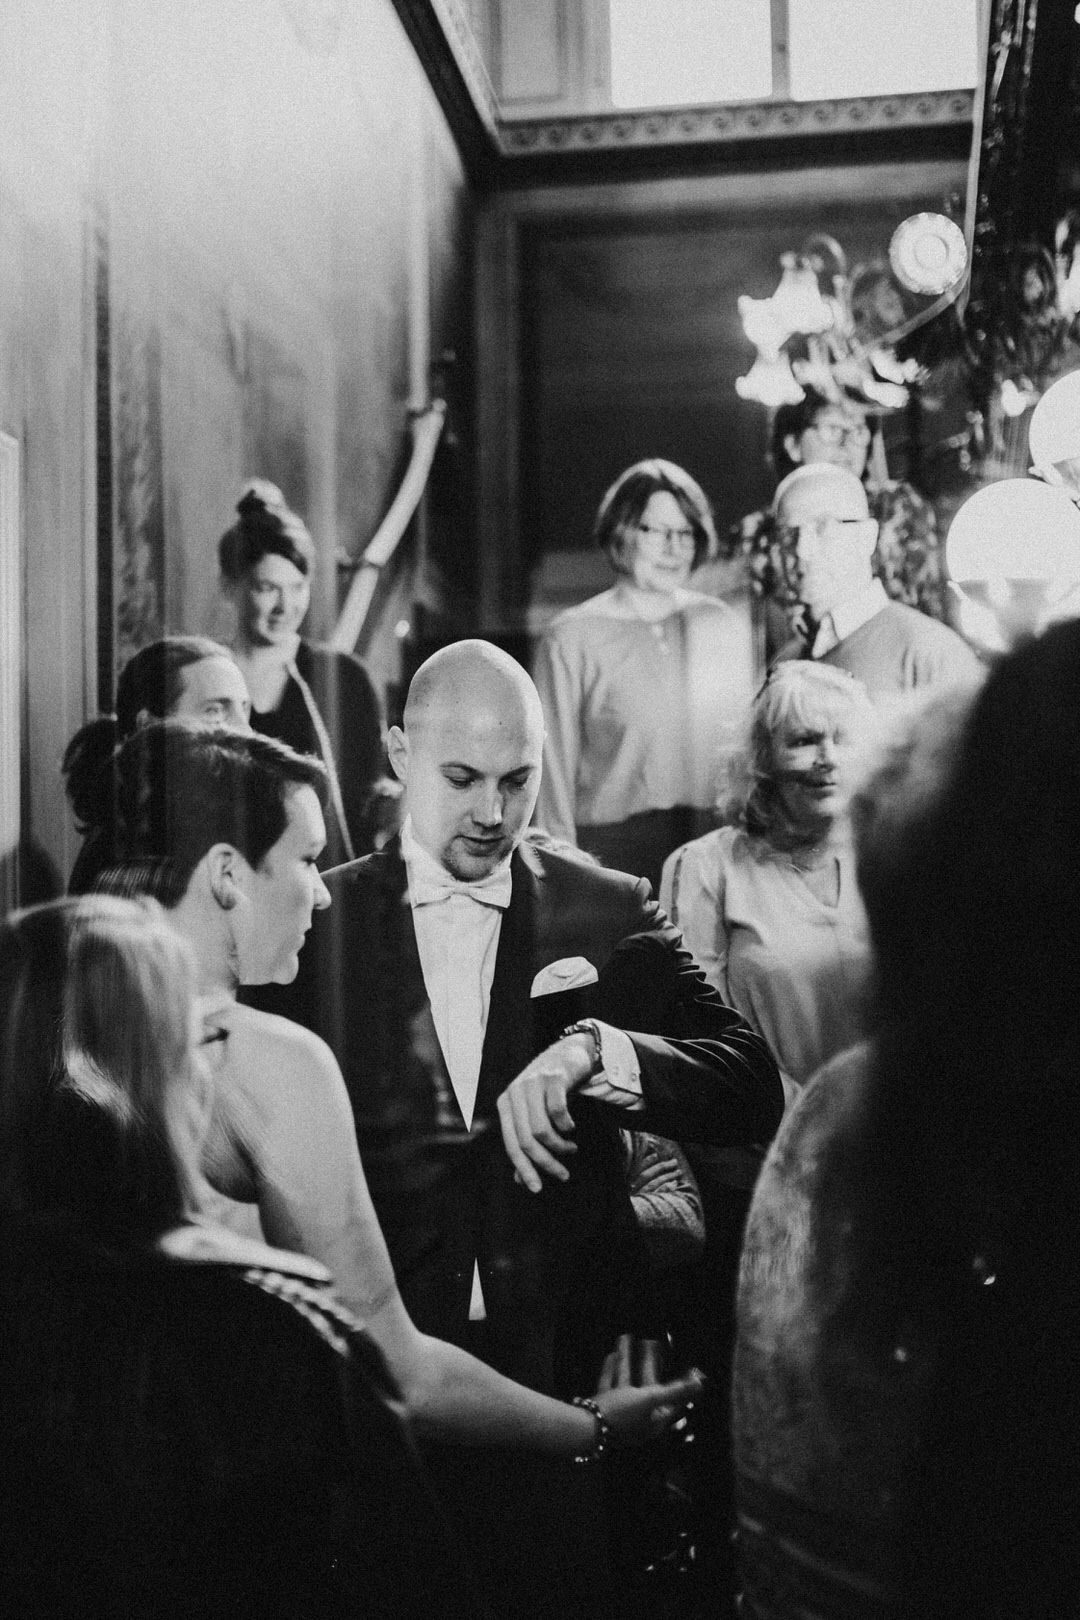 Schwarz-Weiß-Fotografie bei Hochzeitsfoto-Reportage einer Winterhochzeit in Wiesbaden. Wartendes Brautpaar vor Trauung